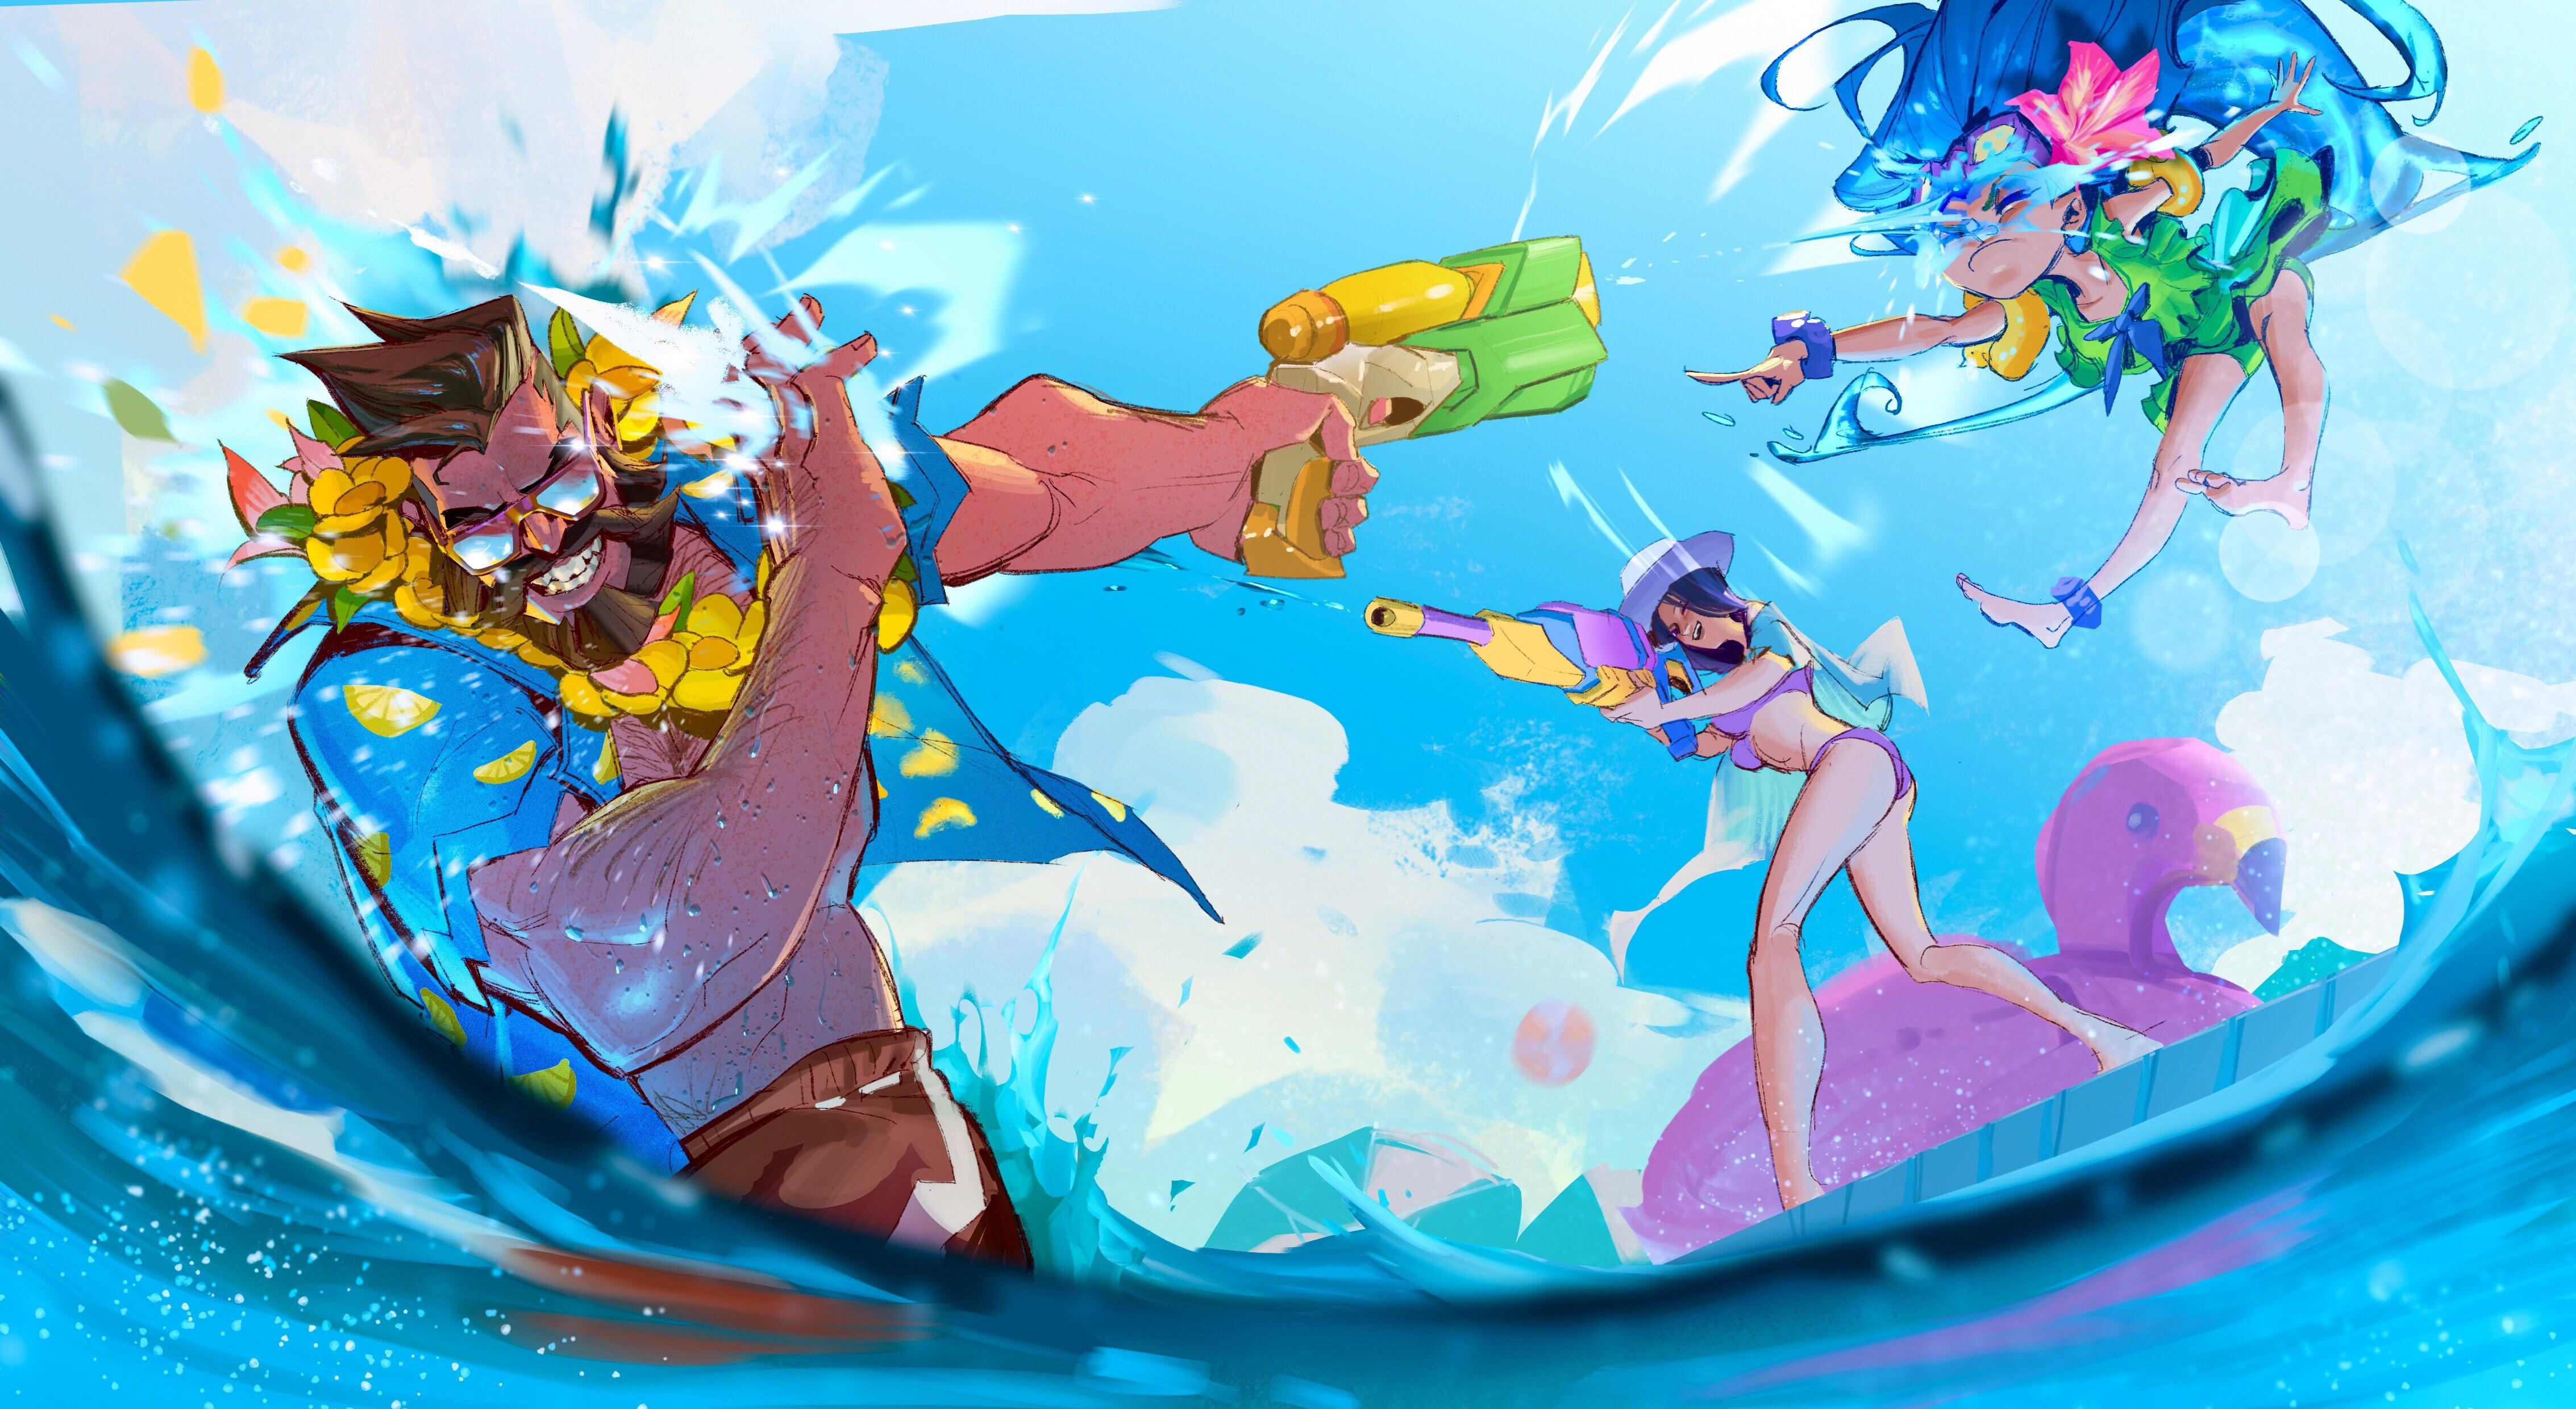 Pool Party Zoe, Caitlyn & Gangplank By 归途 Hd 4k Wallpaper - League Of Legends Pool Party Fanart , HD Wallpaper & Backgrounds